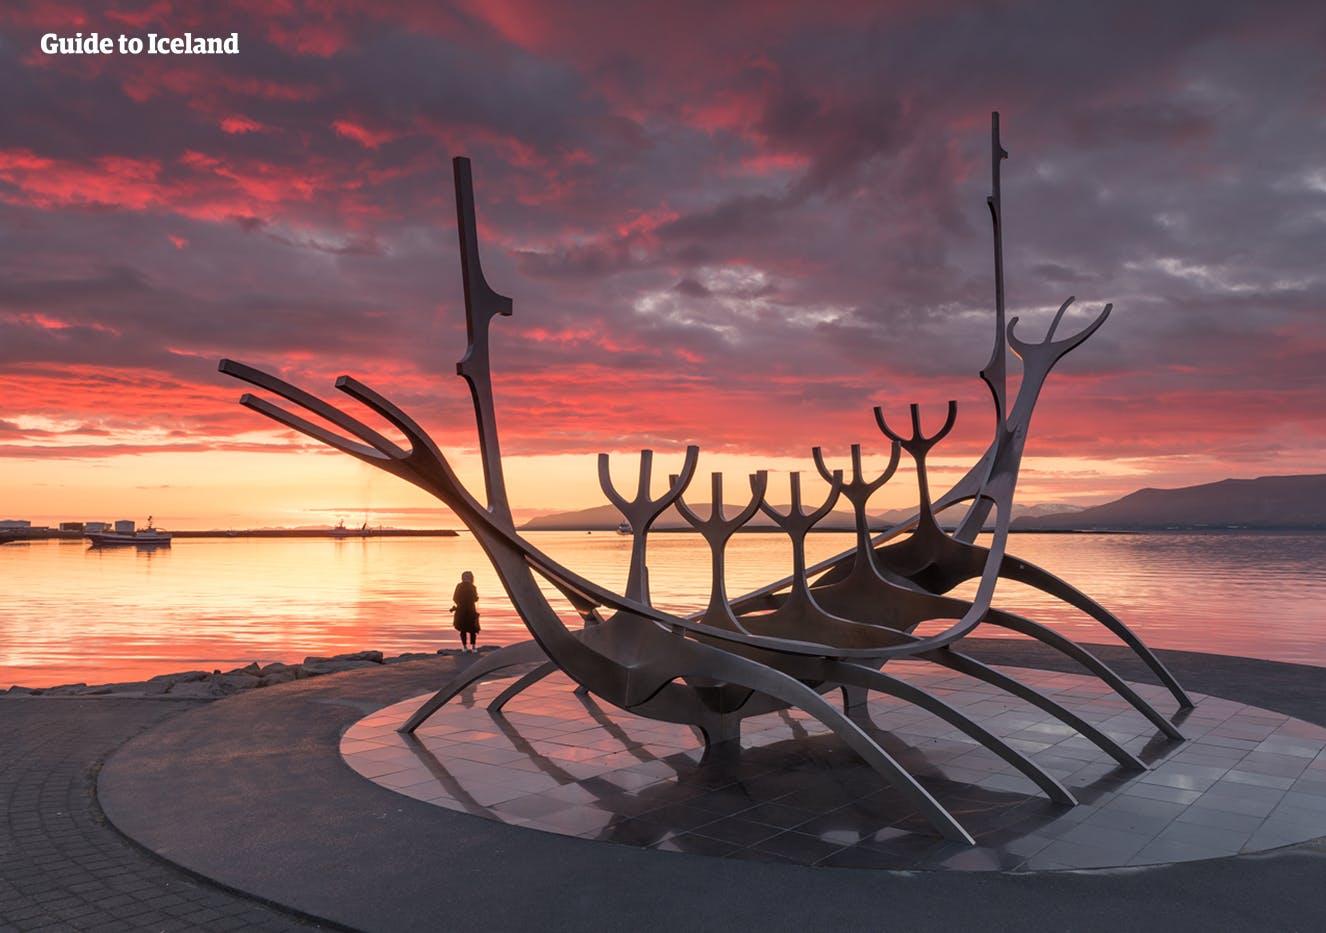 Transfert de l'aéroport de Keflavik vers votre hôtel à Reykjavik